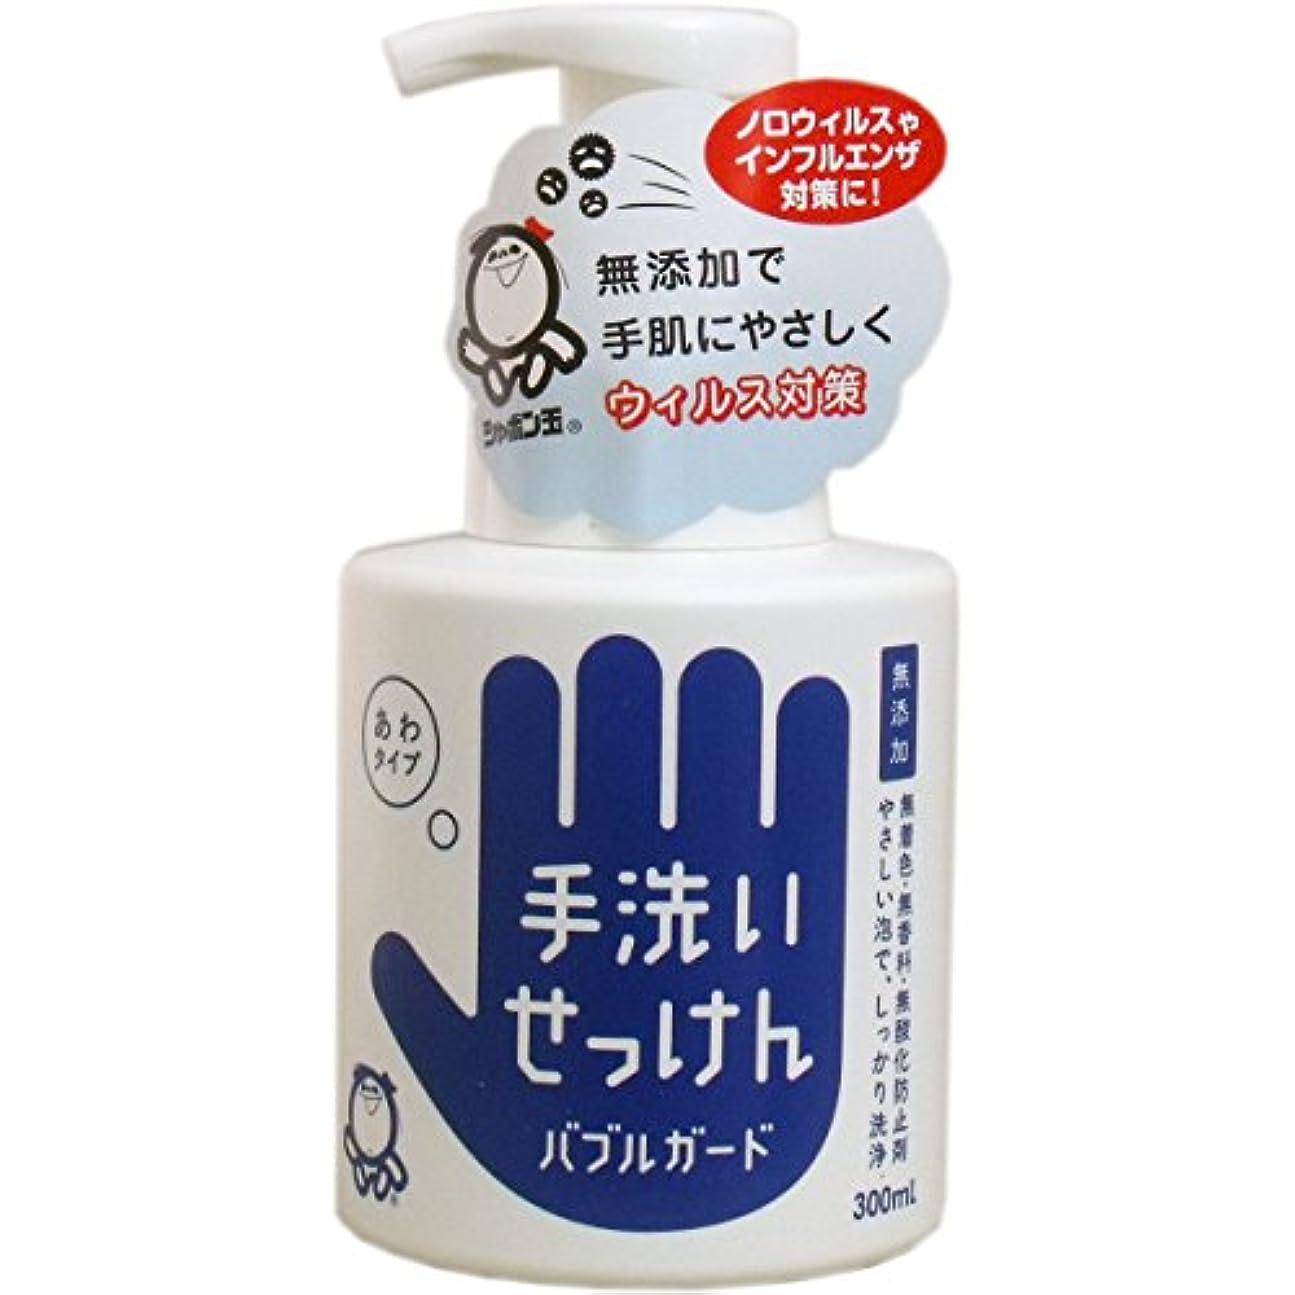 千配置アカデミーシャボン玉石けん 手洗いせっけん バブルガード 本体 300ml 1本